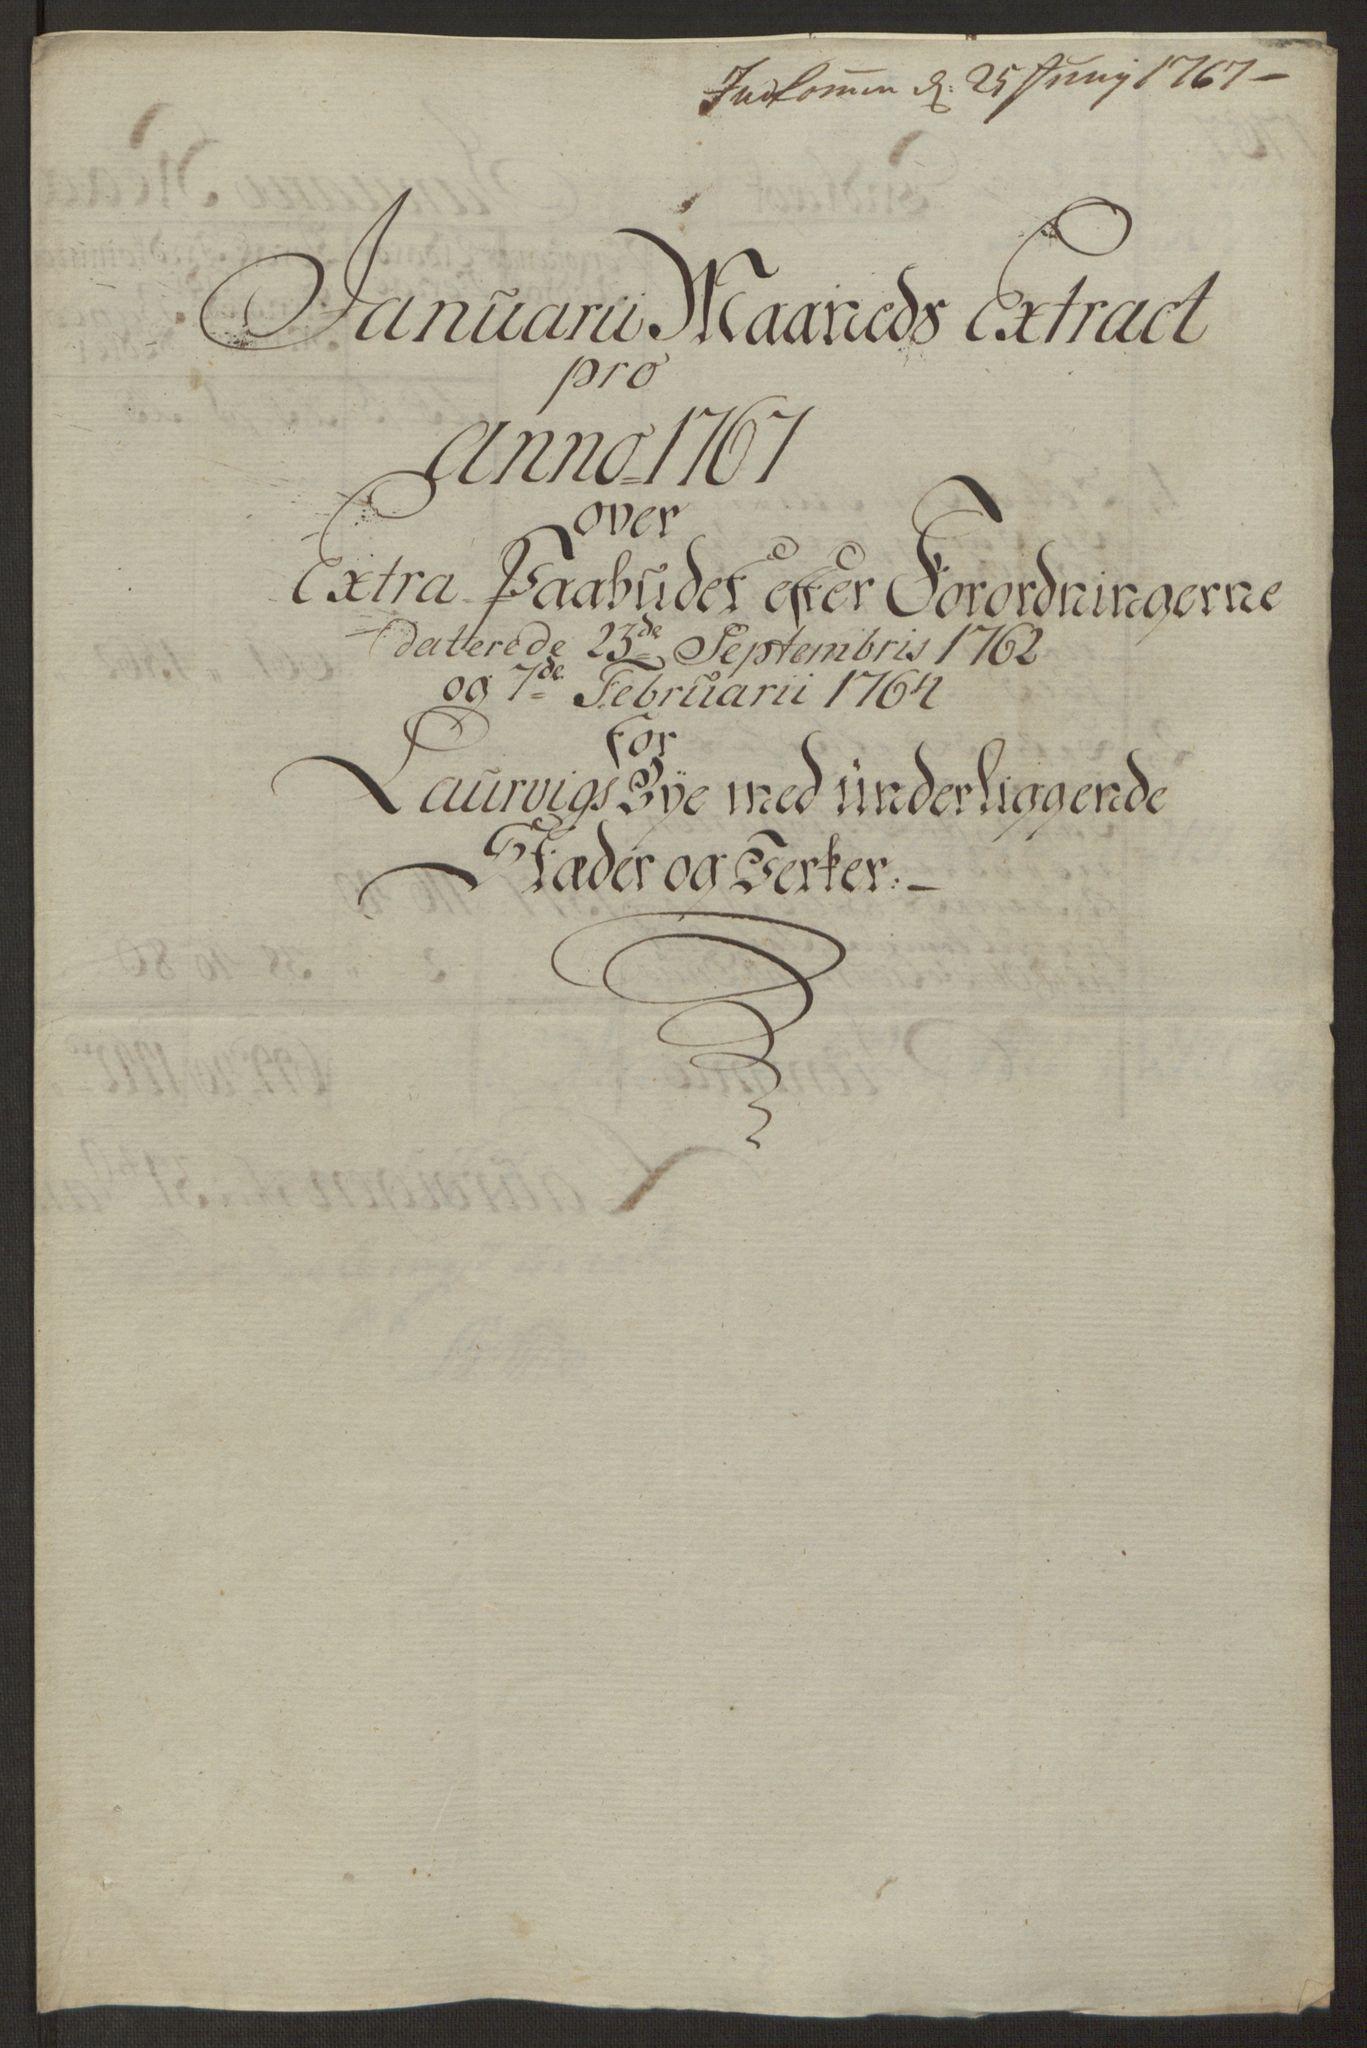 RA, Rentekammeret inntil 1814, Reviderte regnskaper, Byregnskaper, R/Ri/L0183: [I4] Kontribusjonsregnskap, 1762-1768, s. 391